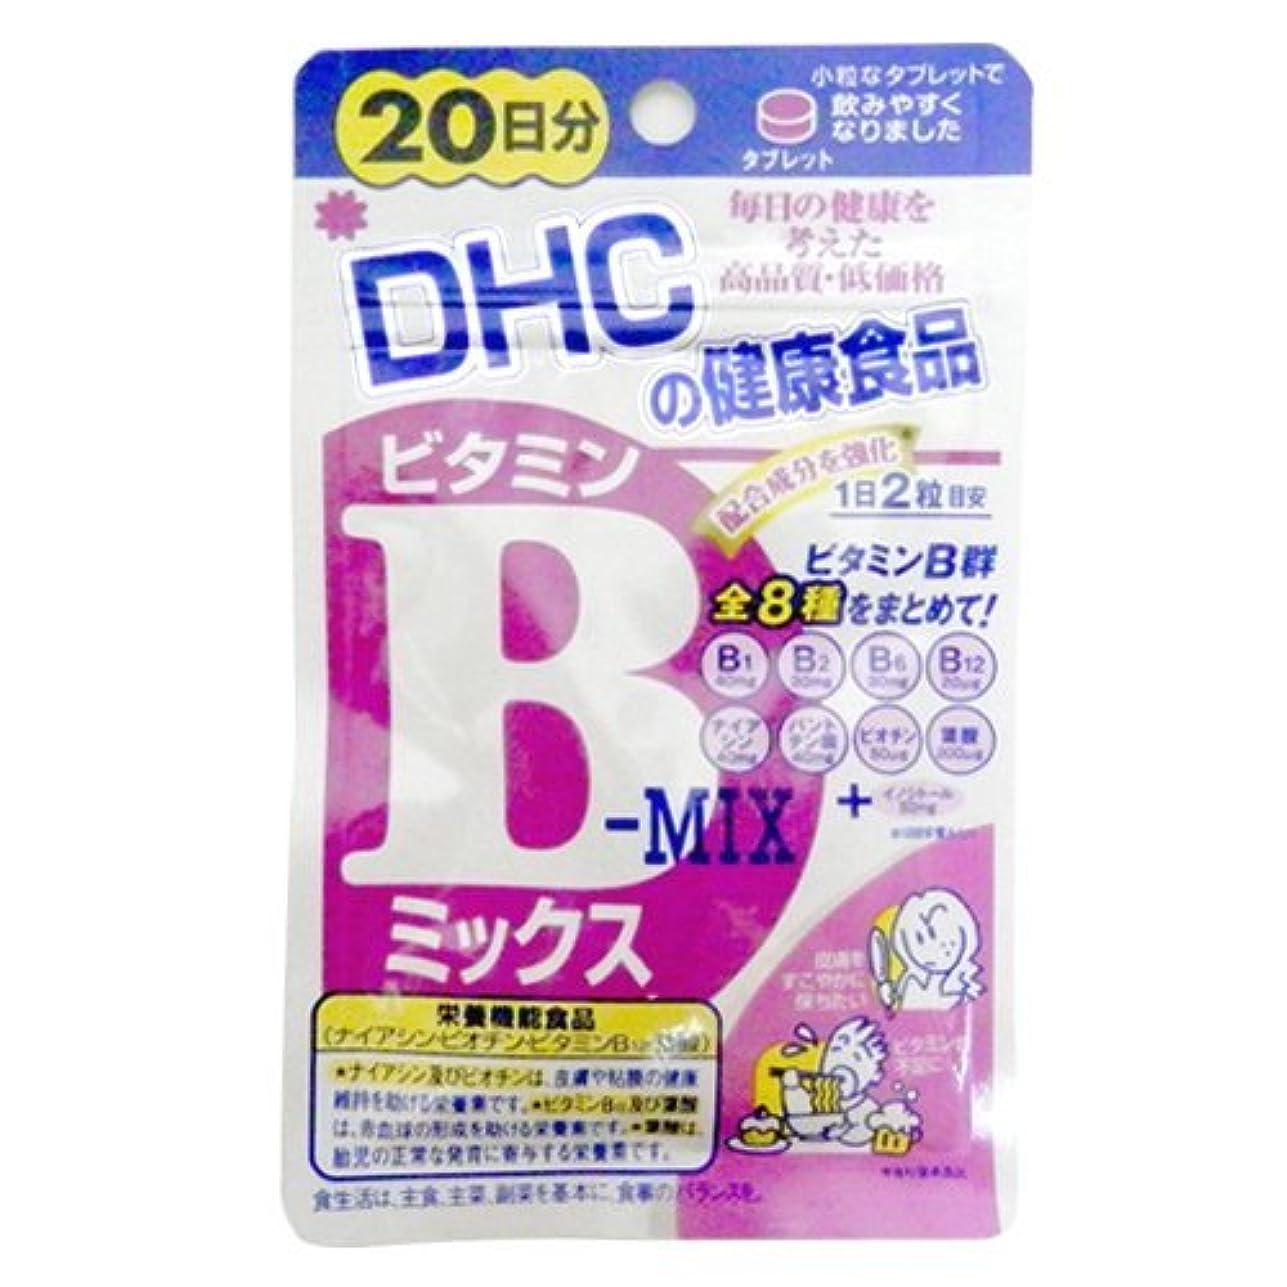 歩き回る甘味悲しいことにDHC ビタミンBミックス 20日分 40粒